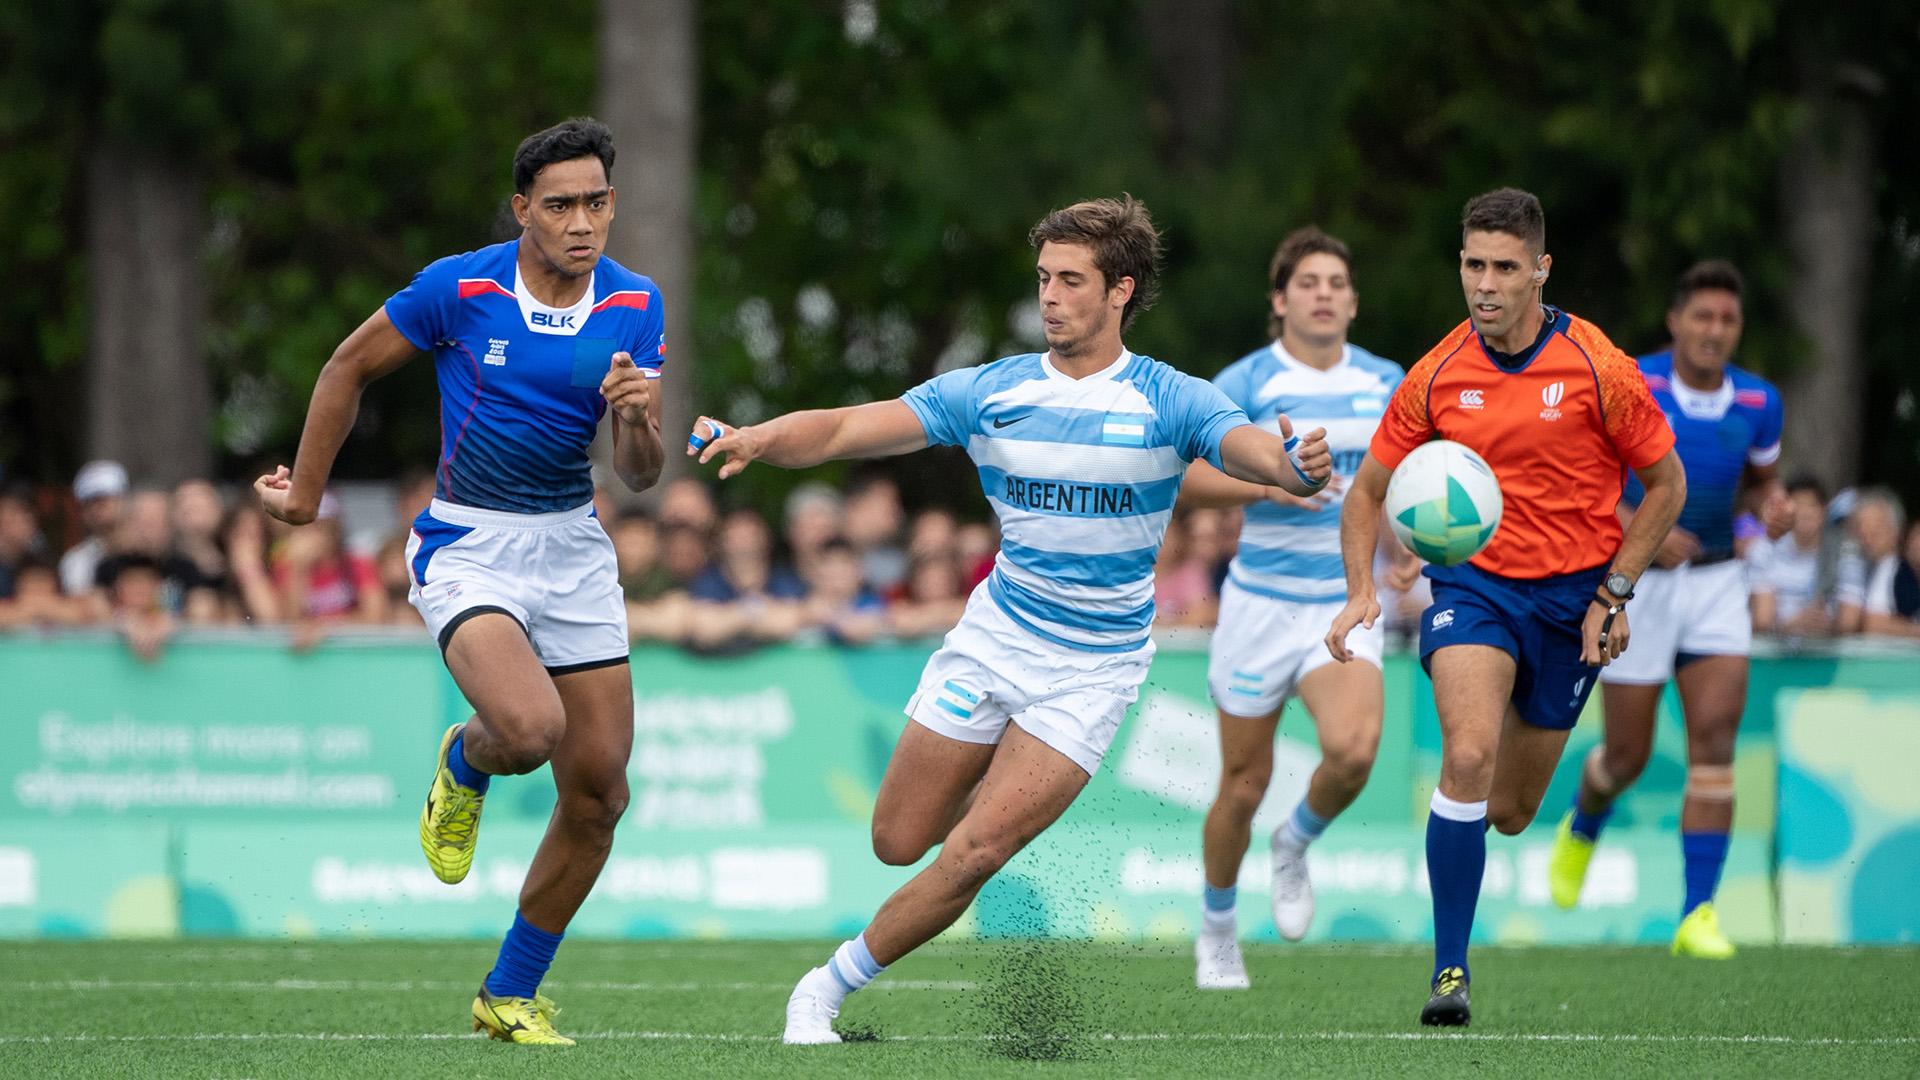 Tuna Tuitama de Samoa corre para eludir al argentinoRamiro Costaen el seven que se disputó en La Boya del SIC (Foto:REUTERS)